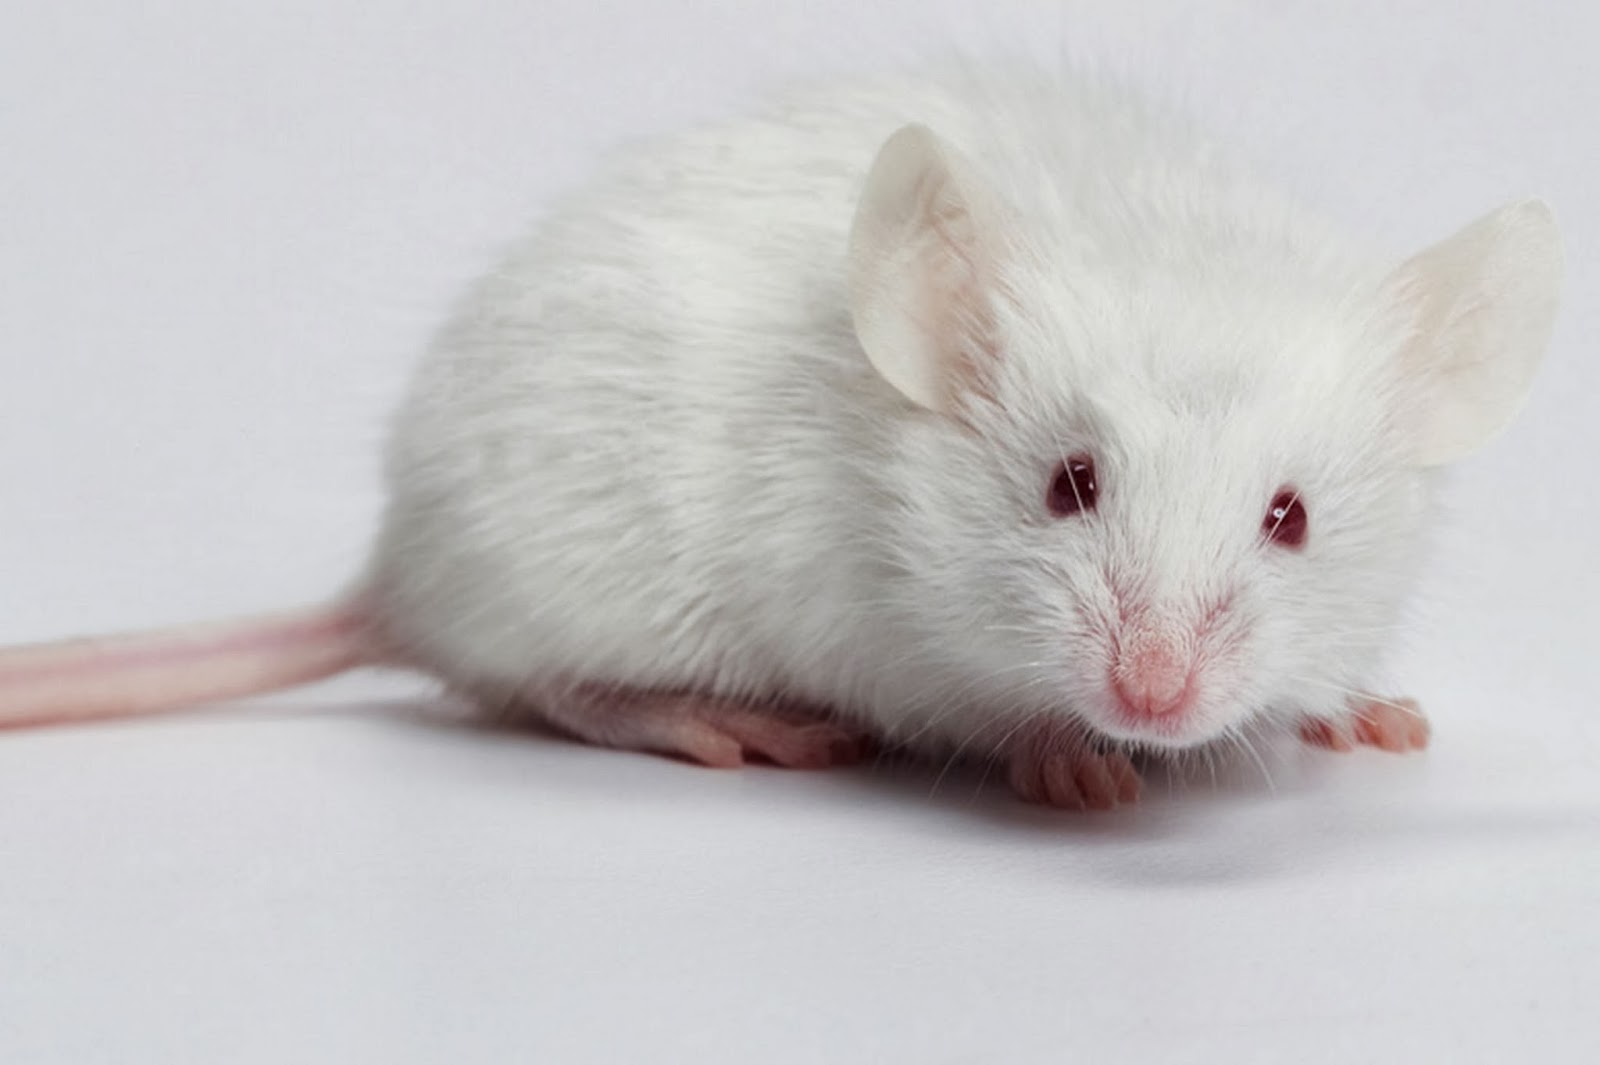 Nằm mơ thấy chuột là điềm gì, đánh con gì?